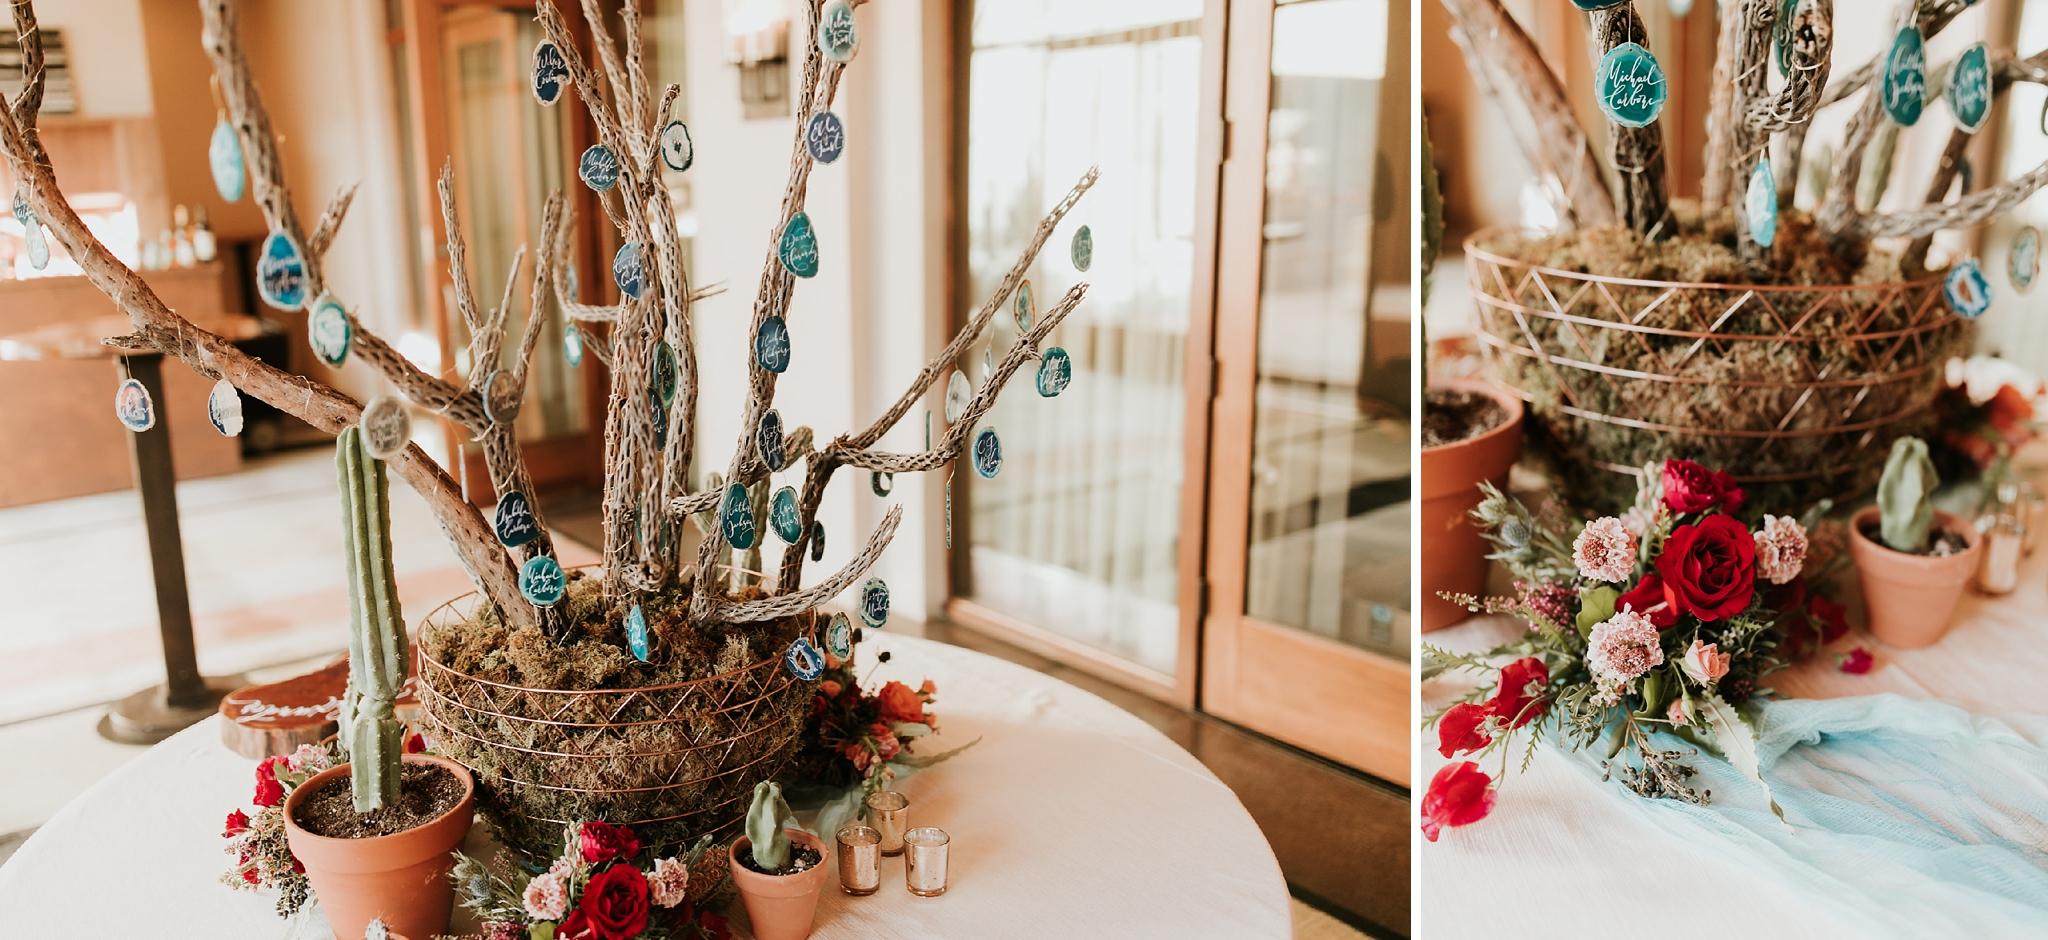 Alicia+lucia+photography+-+albuquerque+wedding+photographer+-+santa+fe+wedding+photography+-+new+mexico+wedding+photographer+-+new+mexico+wedding+-+new+mexico+florist+-+floriography+flowers+-+floriography+flowers+new+mexico+-+wedding+florist_0061.jpg